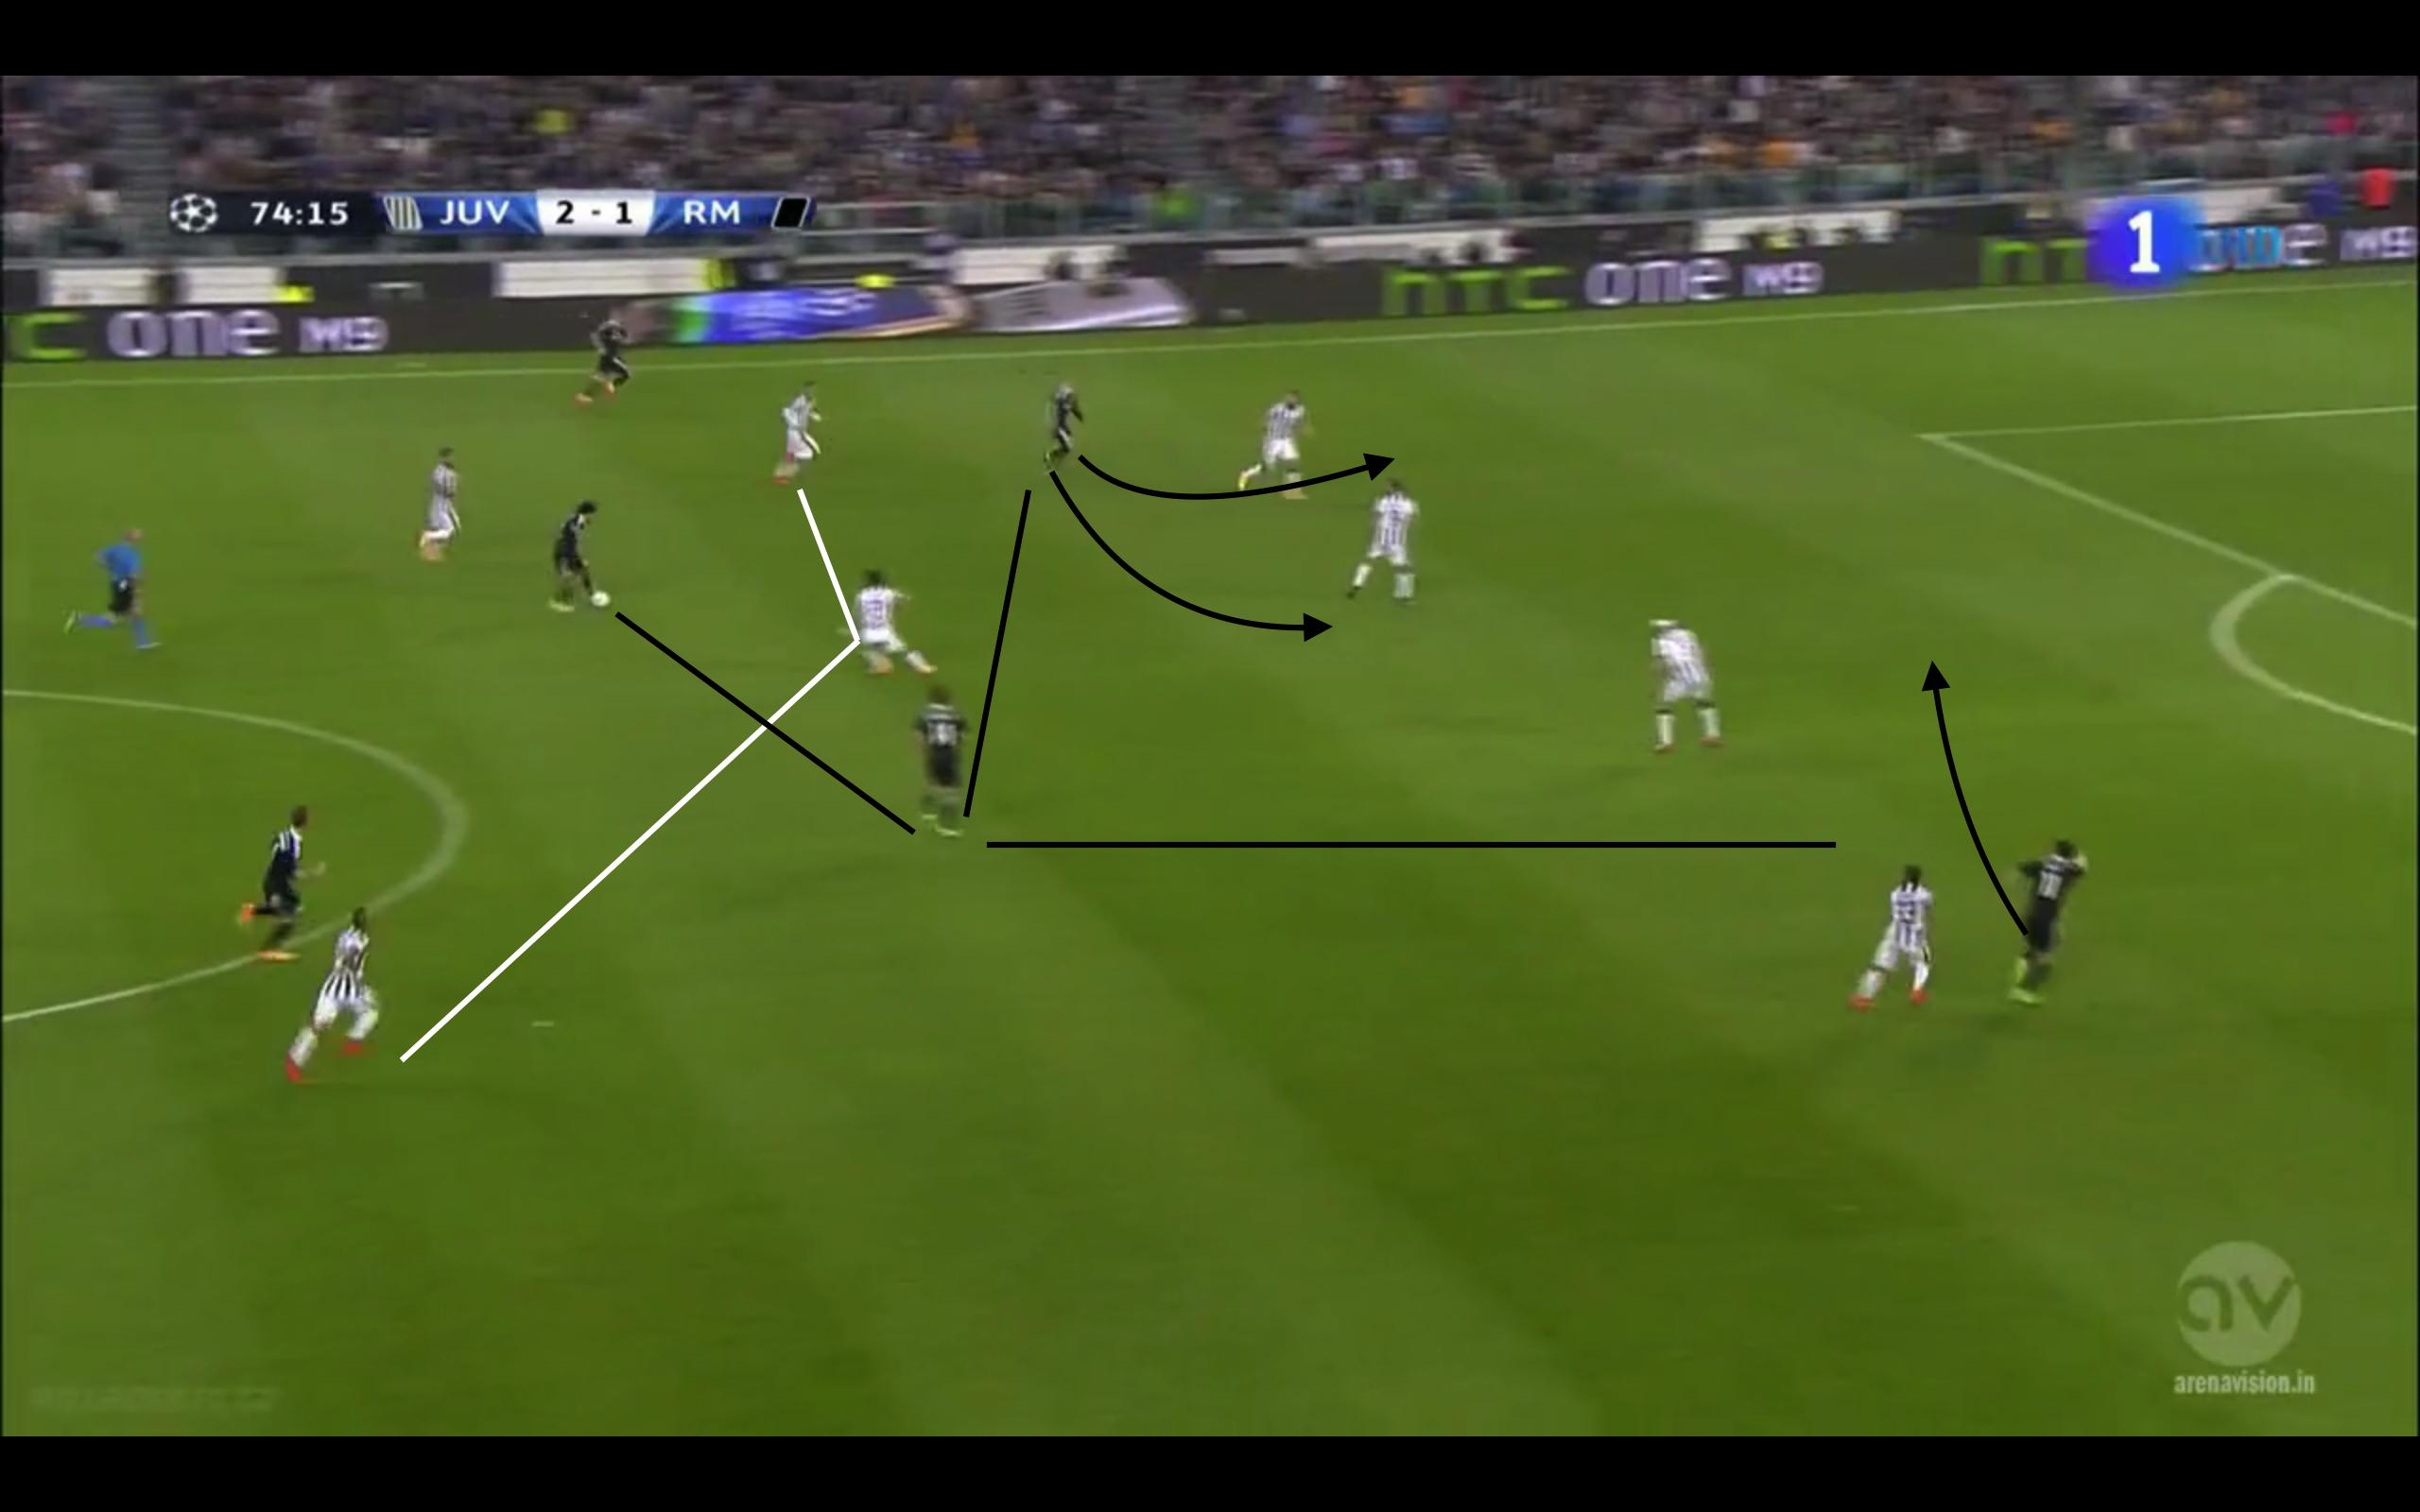 Hernandez lässt sich in die Lücke fallen, sowohl Bale als auch Ronaldo können diagonal in die Schnittstellen starten. In dieser Szene presst ihn Vidal aber direkt von hinten und er verliert den Ball. Liegt vor allem daran, dass die Pässe auf Bale und Ronaldo sehr anspruchsvoll waren. Dadurch hat die Ballverarbeitung sehr lang gedauert.